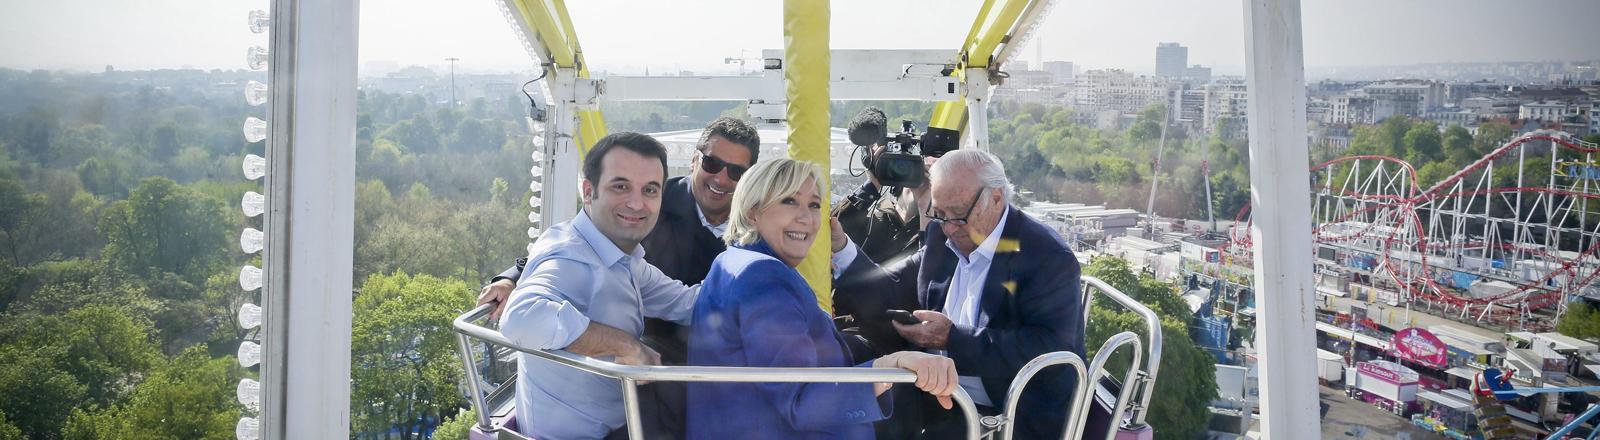 Marine Le Pen in einer Riesenradgondel